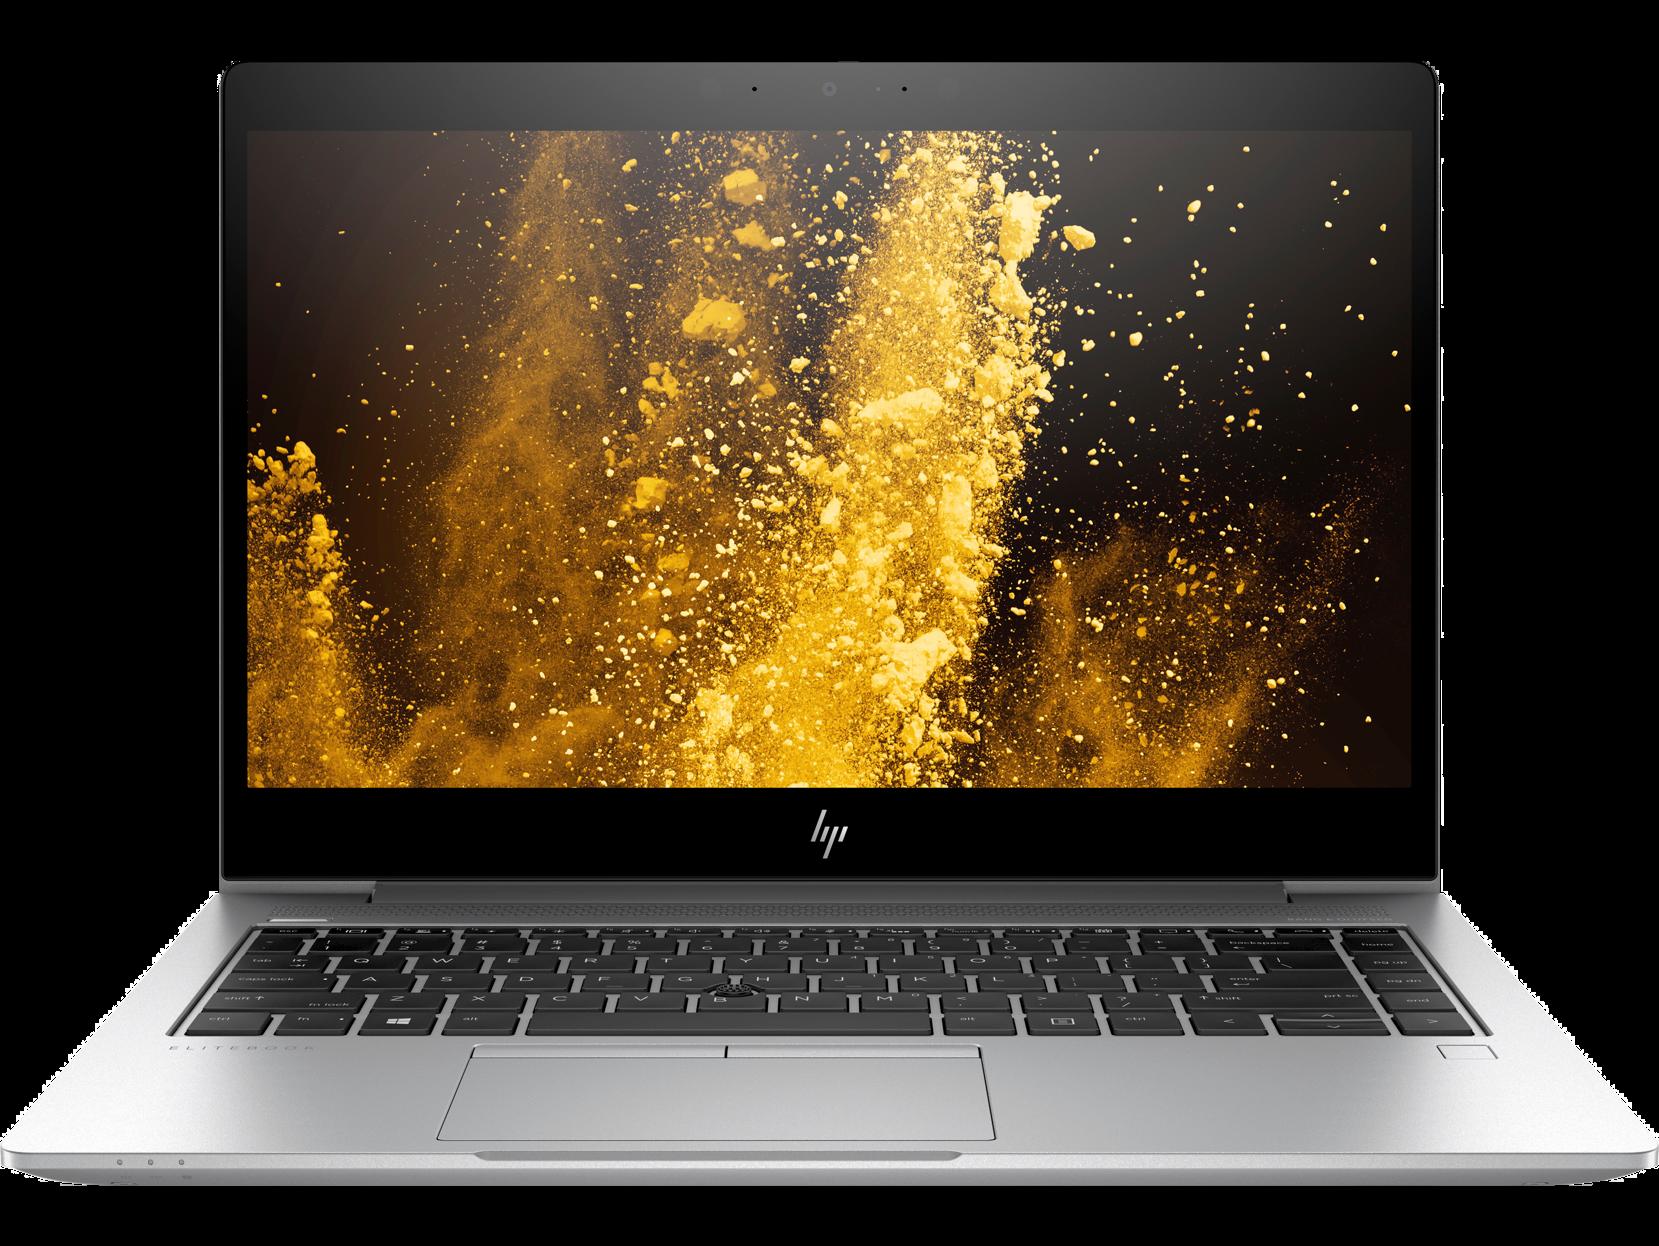 Ultrabook HP EliteBook 840 G6 14 Full HD Intel Core i5-8265U RAM 16GB SSD 512GB Windows 10 Pro Argintiu